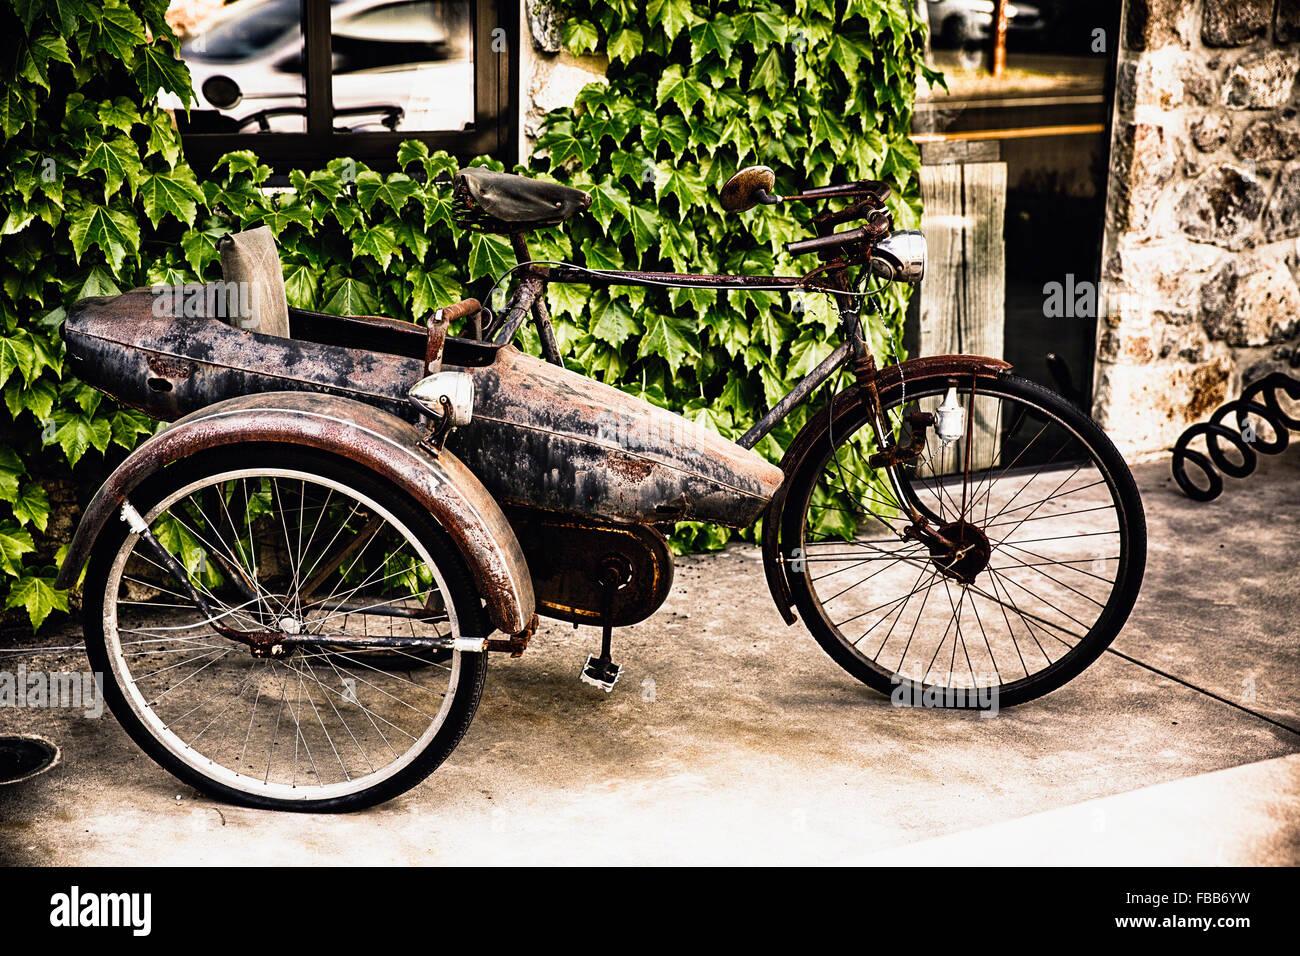 Nahaufnahme eines klassischen Fahrrades mit einer Seite Auto, Yountville, Napa Valley, Kalifornien Stockbild